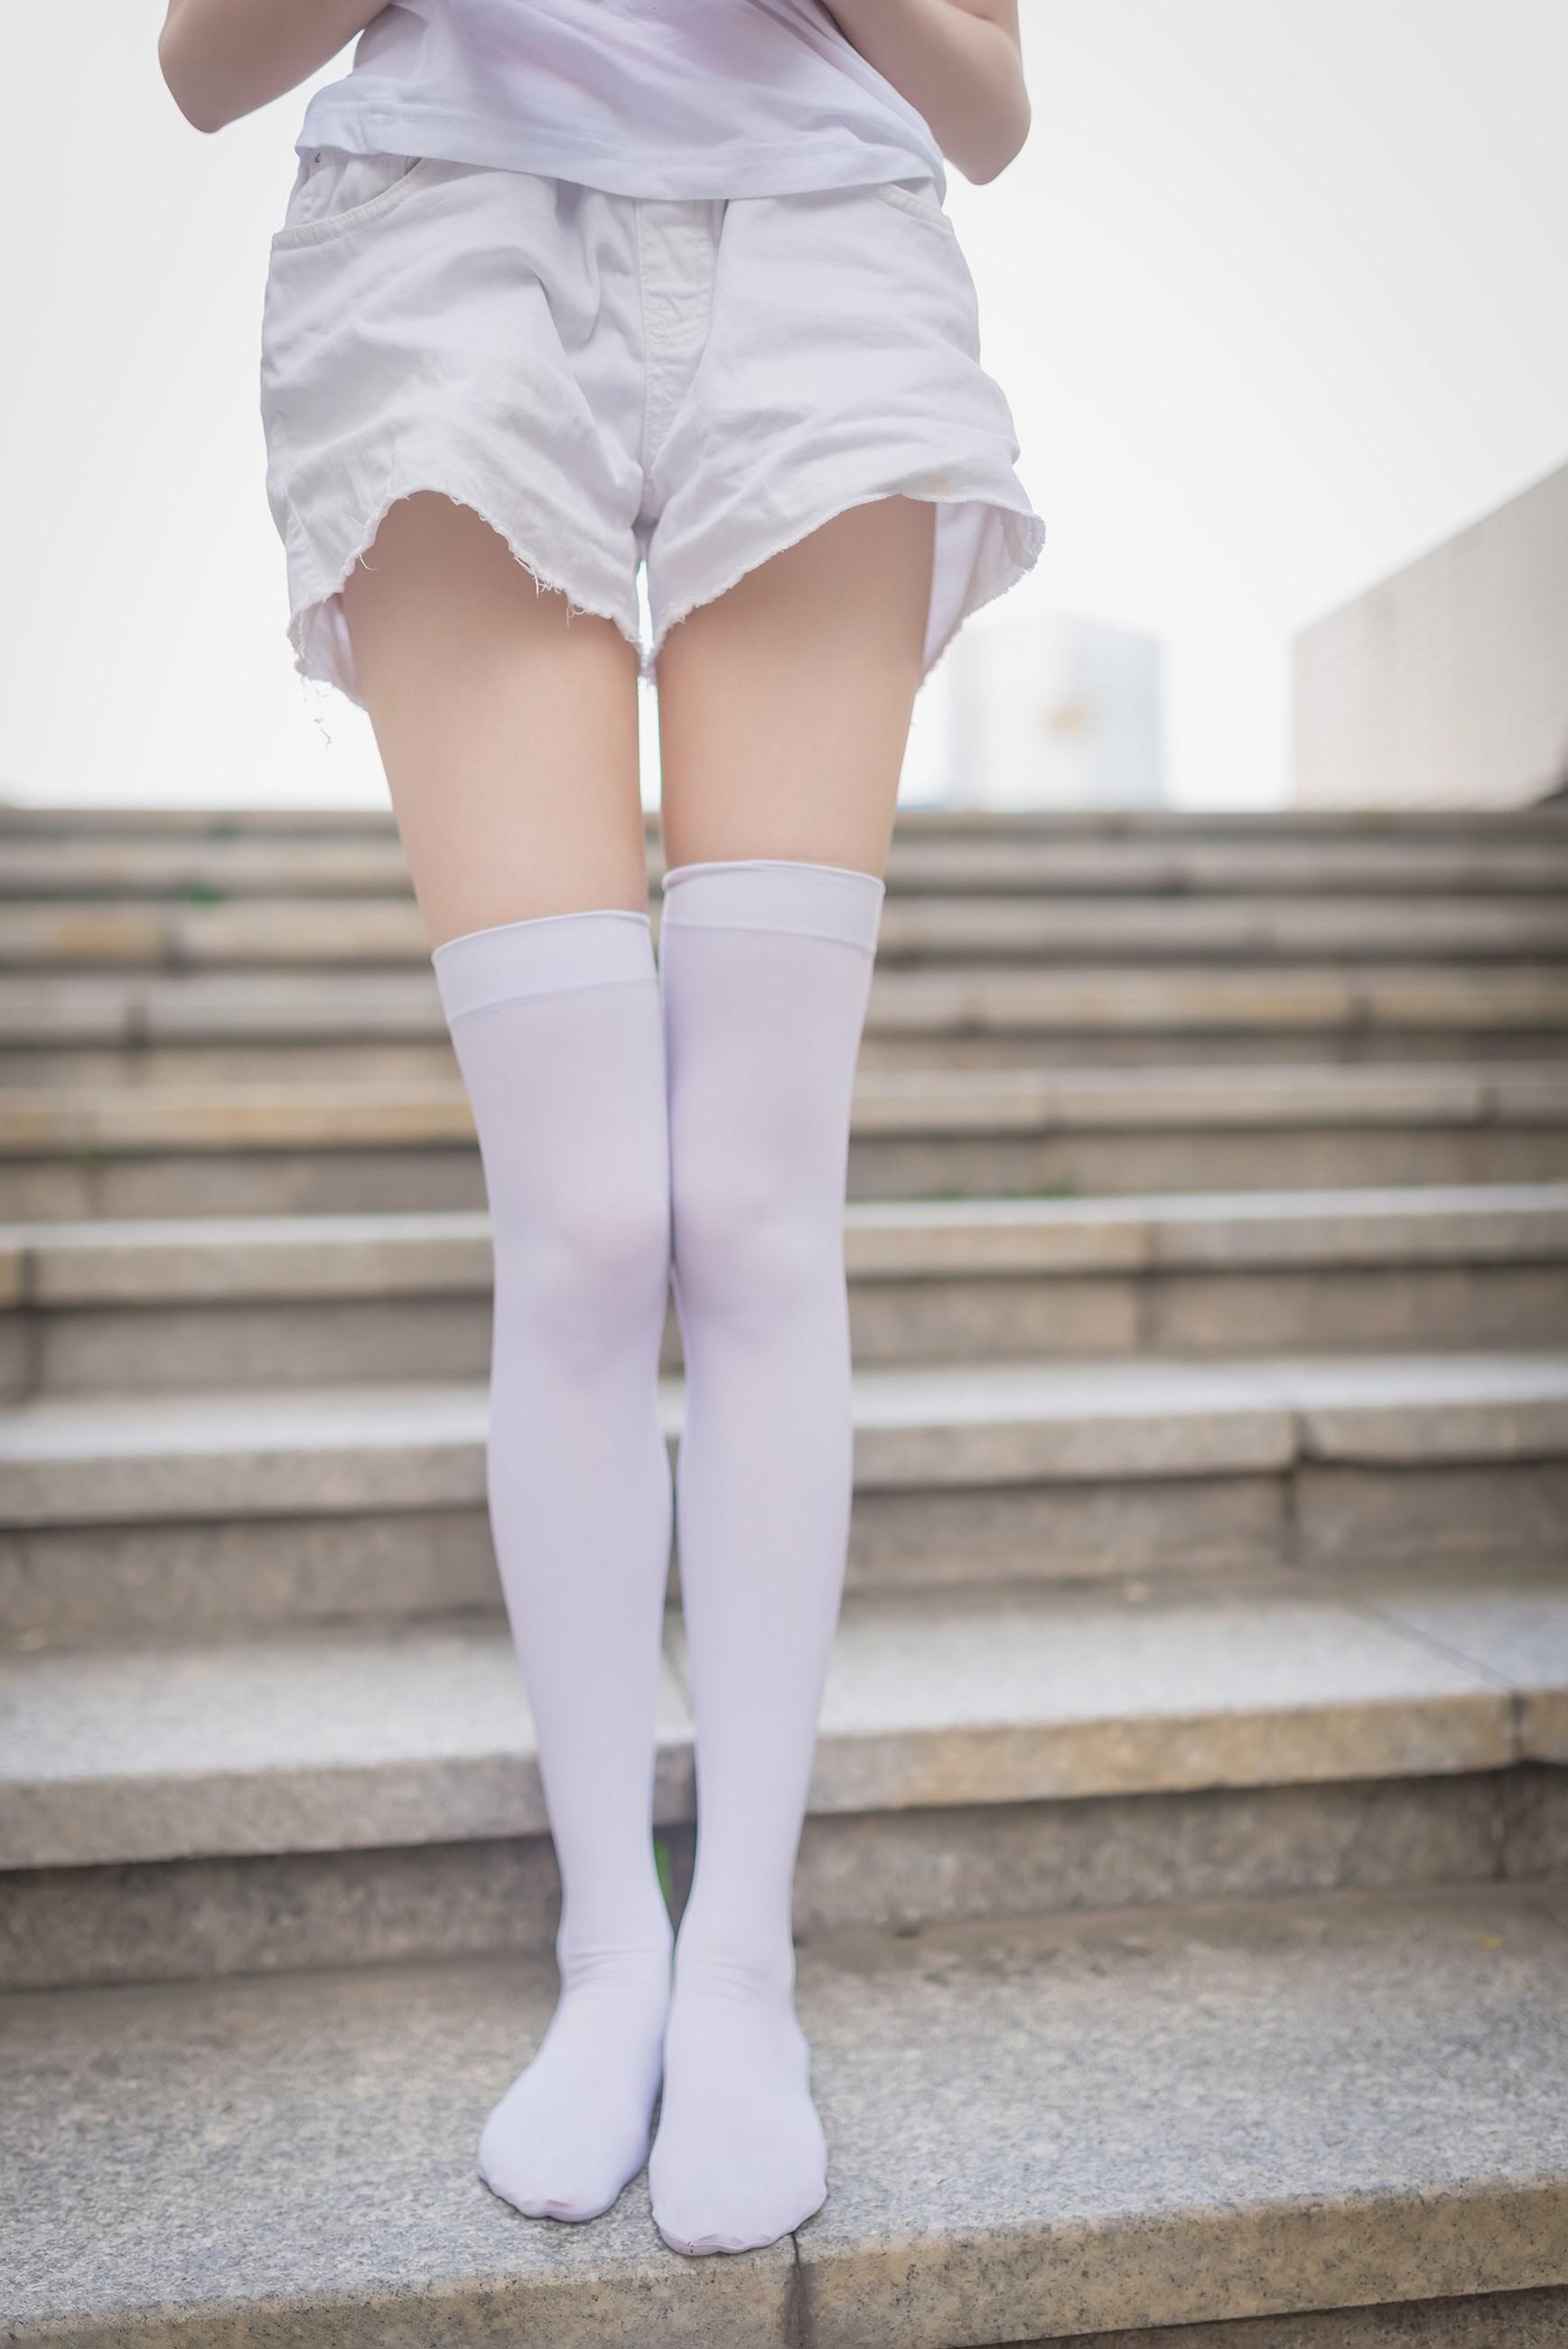 【兔玩映画】白丝过膝袜 兔玩映画 第16张